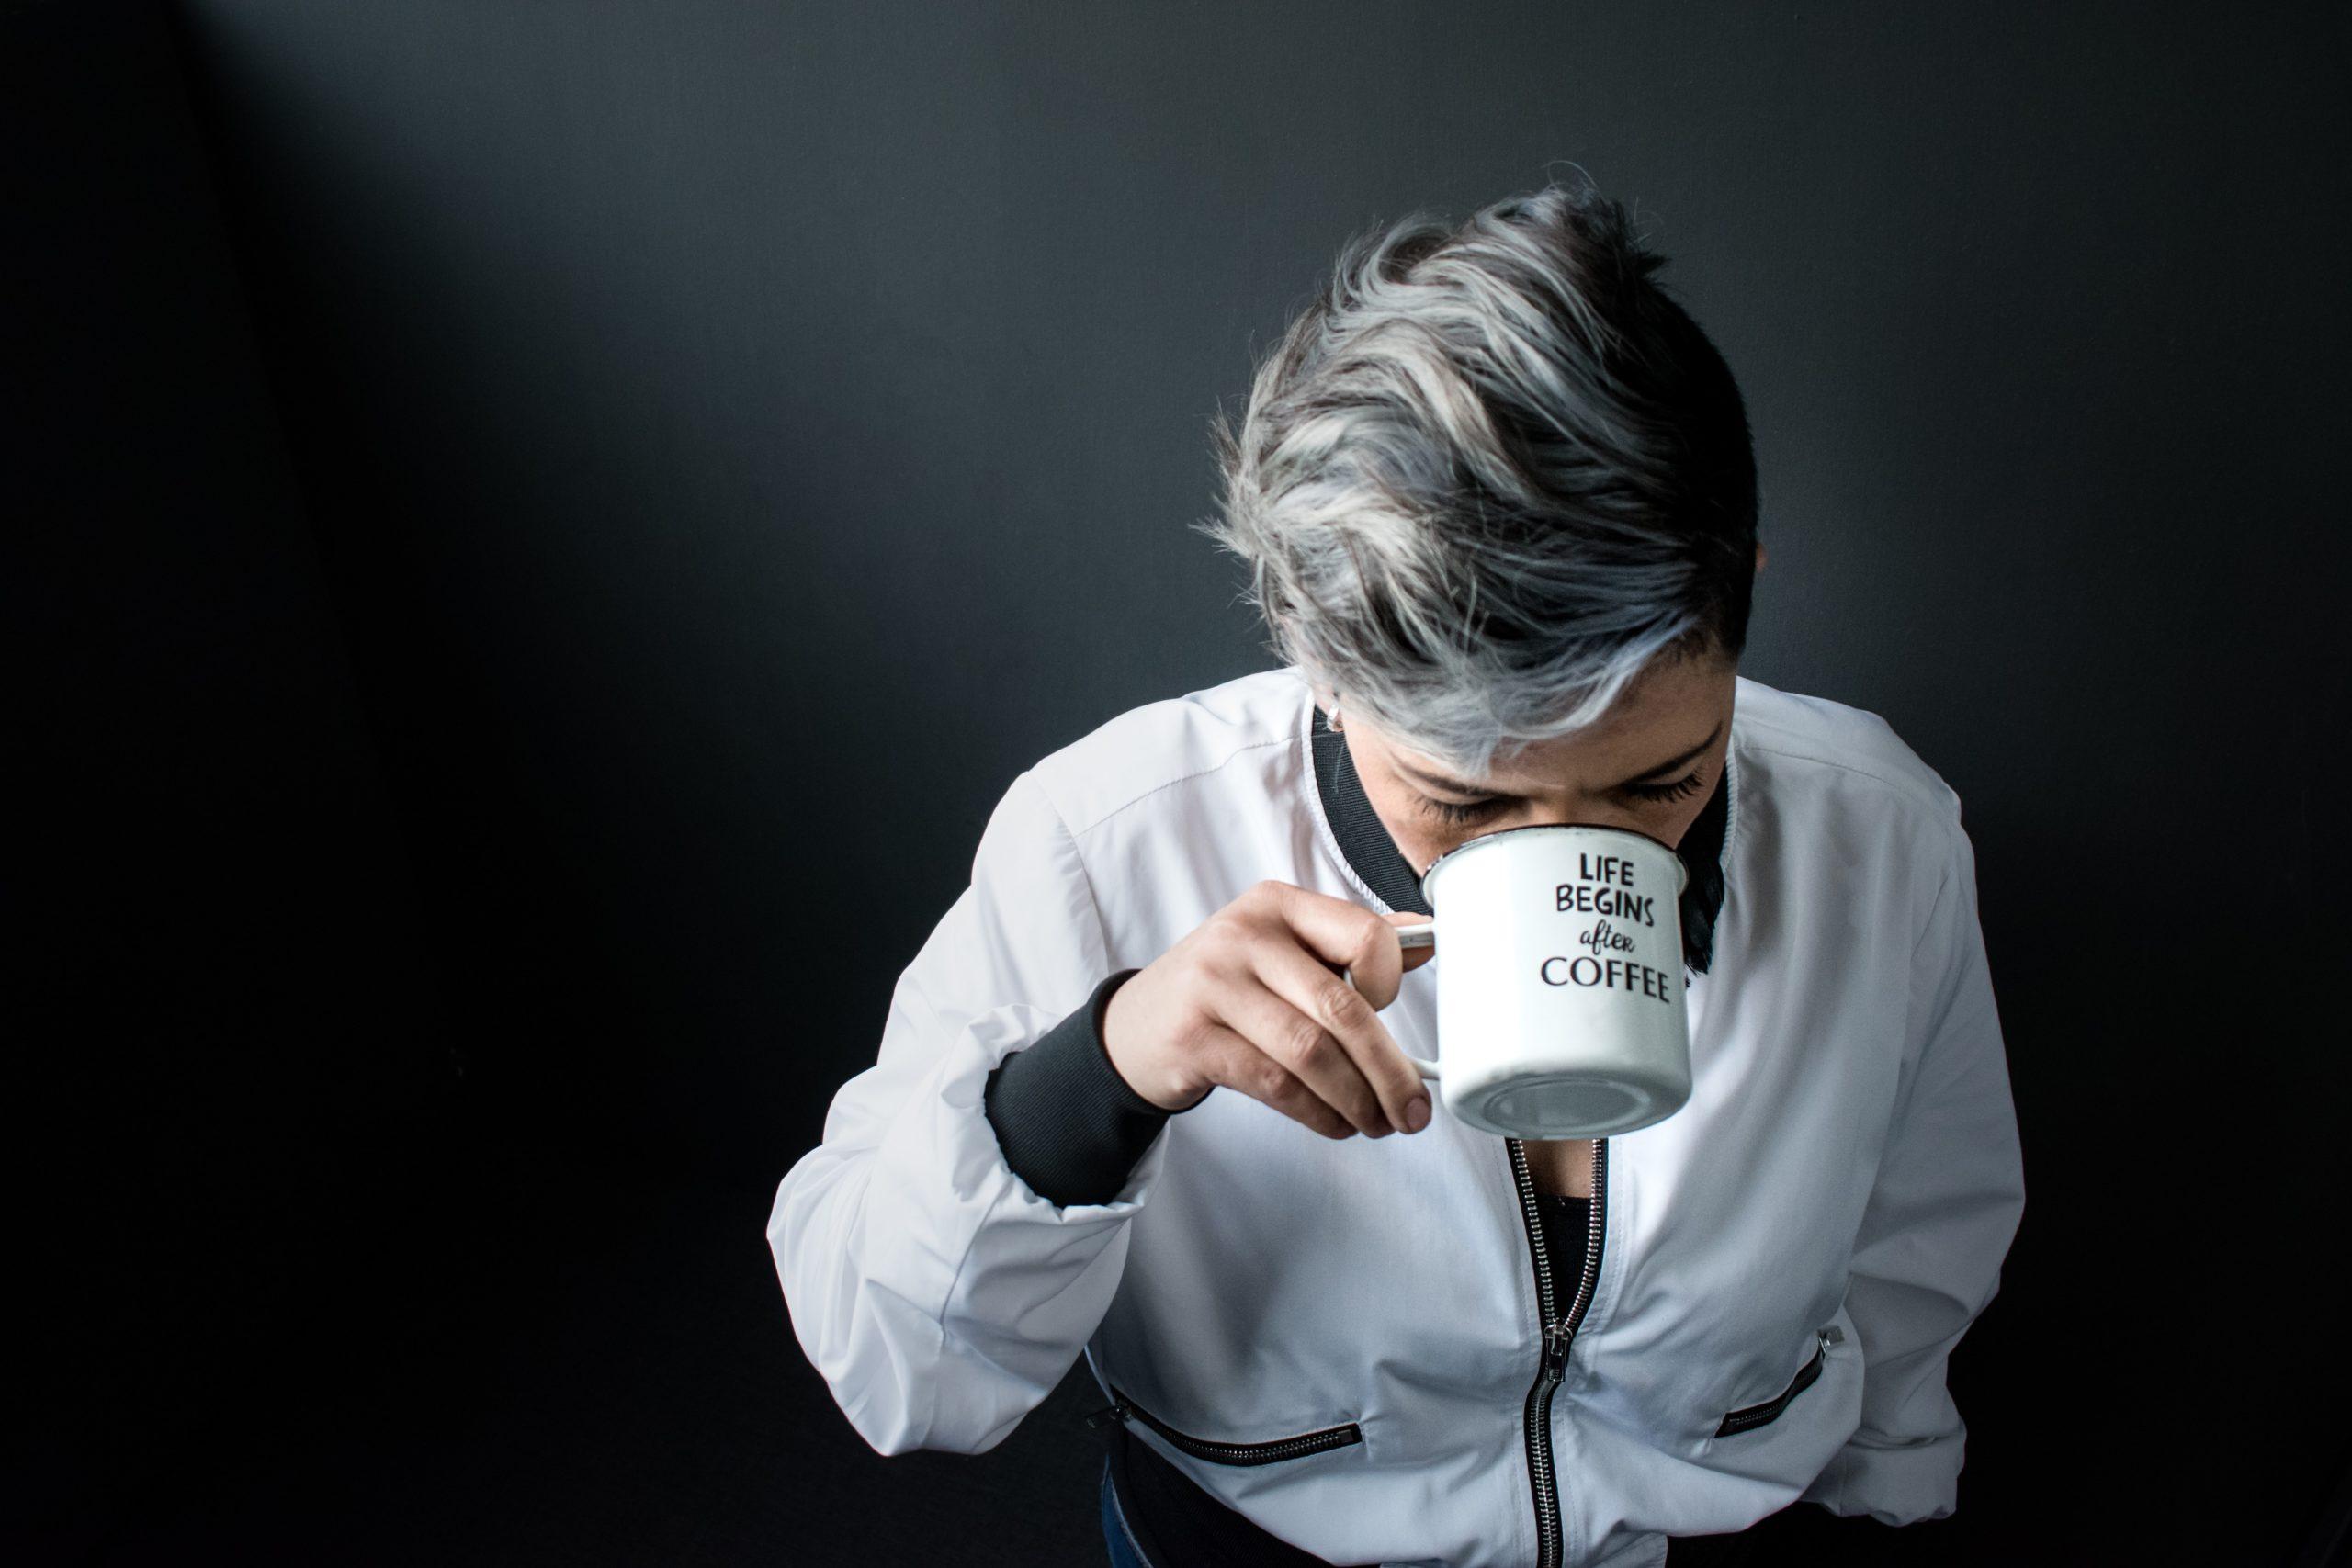 カフェインの効果を爆上げする